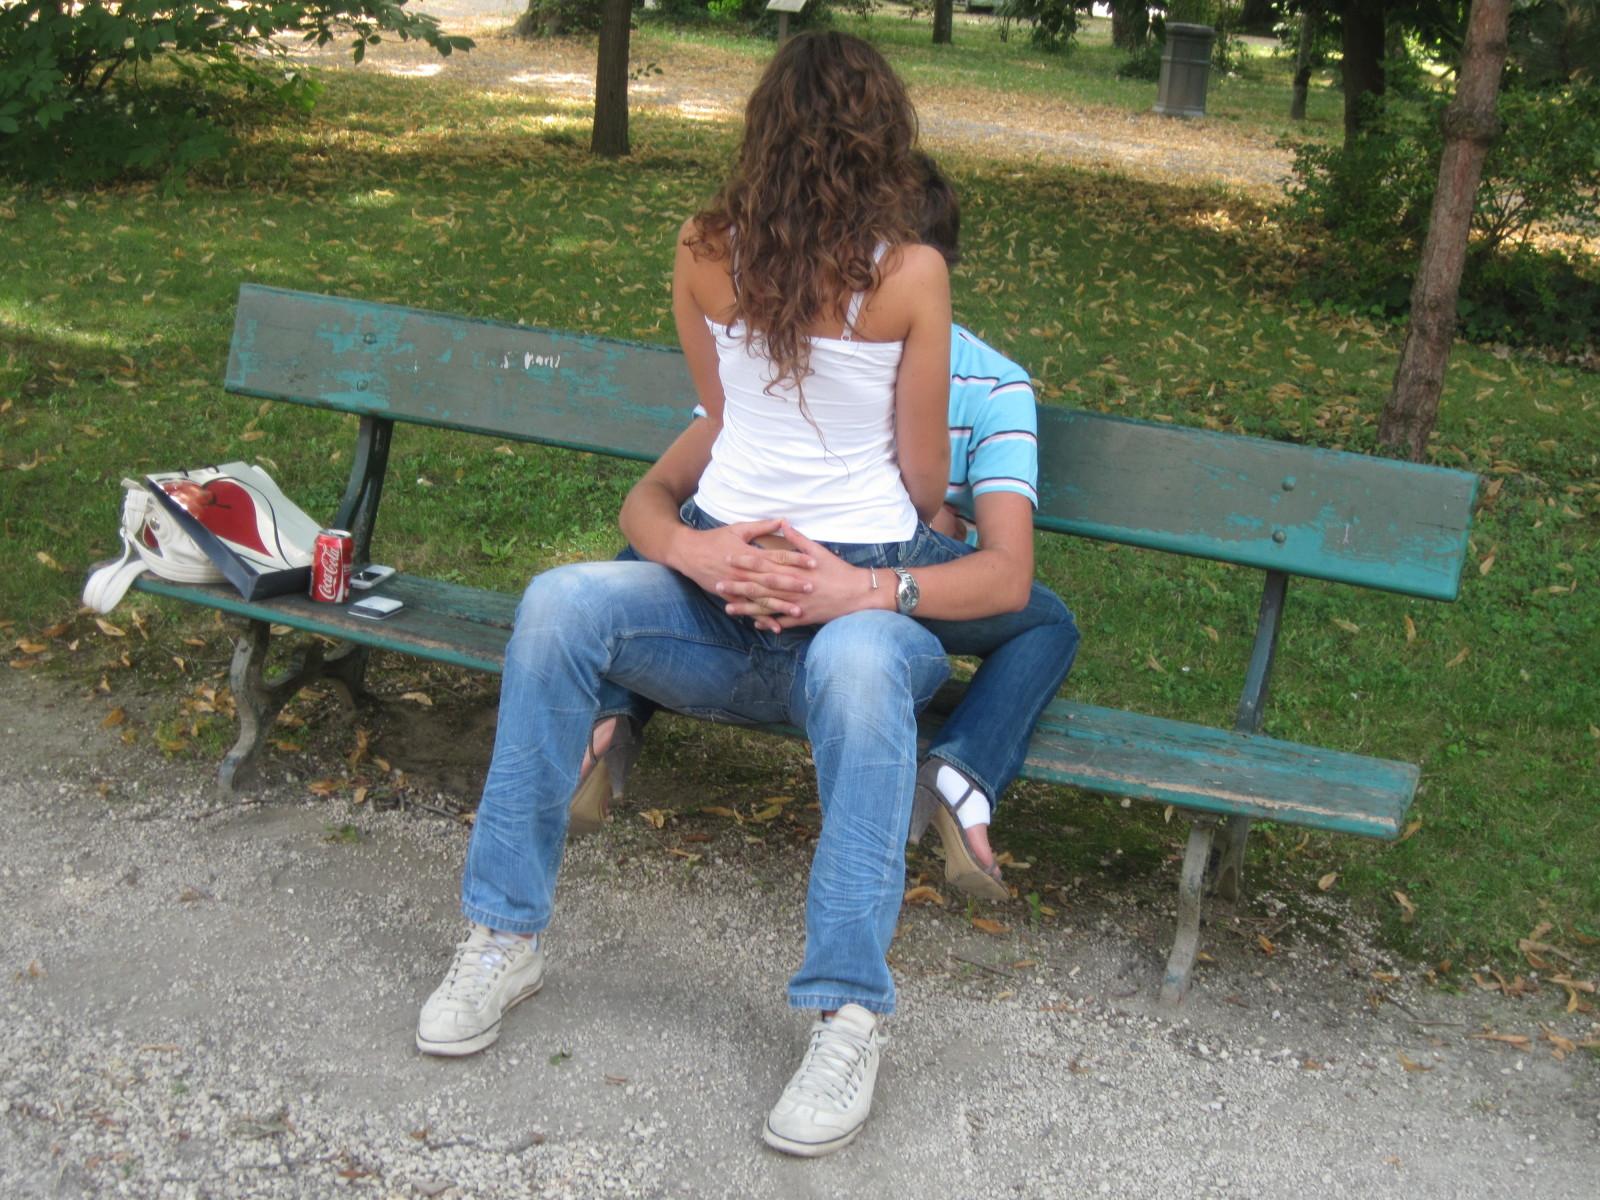 Deux amoureux sur un banc public